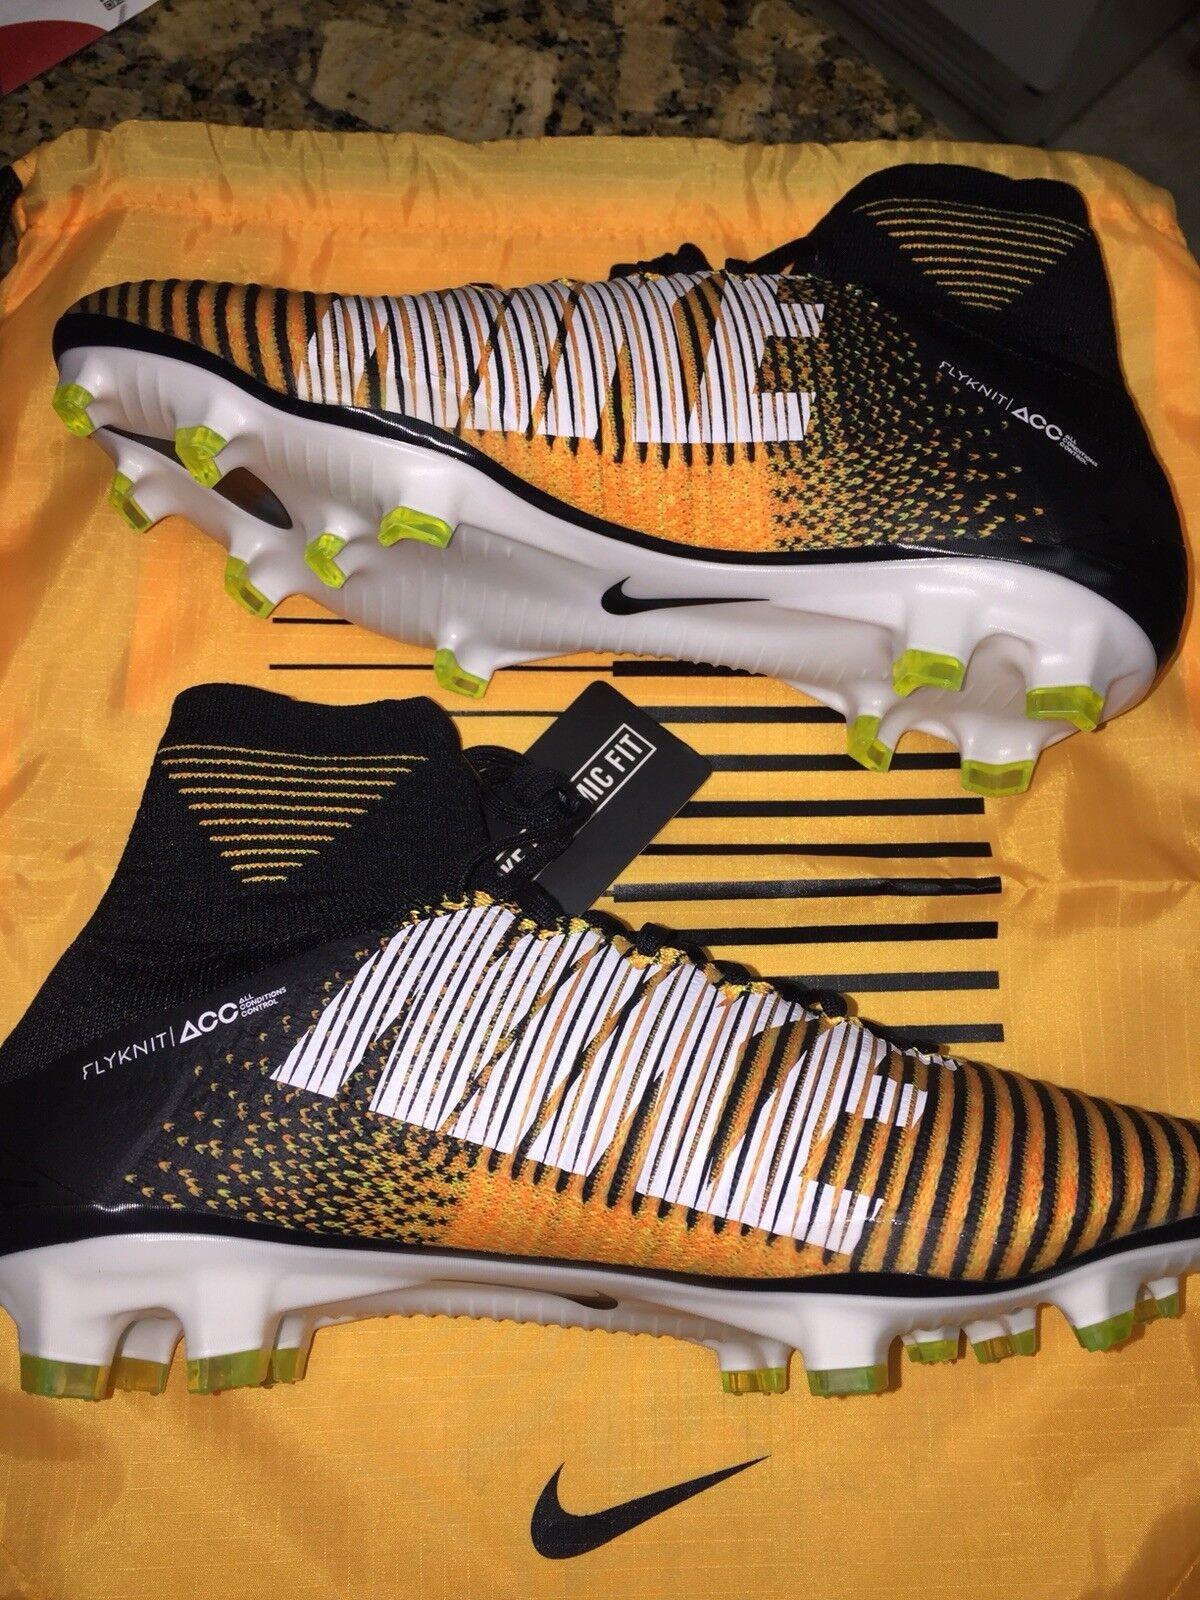 Nike volubile superfly / df - fg, fg, fg, arancione e nero 8 nuovi w / fuori cassa 300 dollari. 3127f2